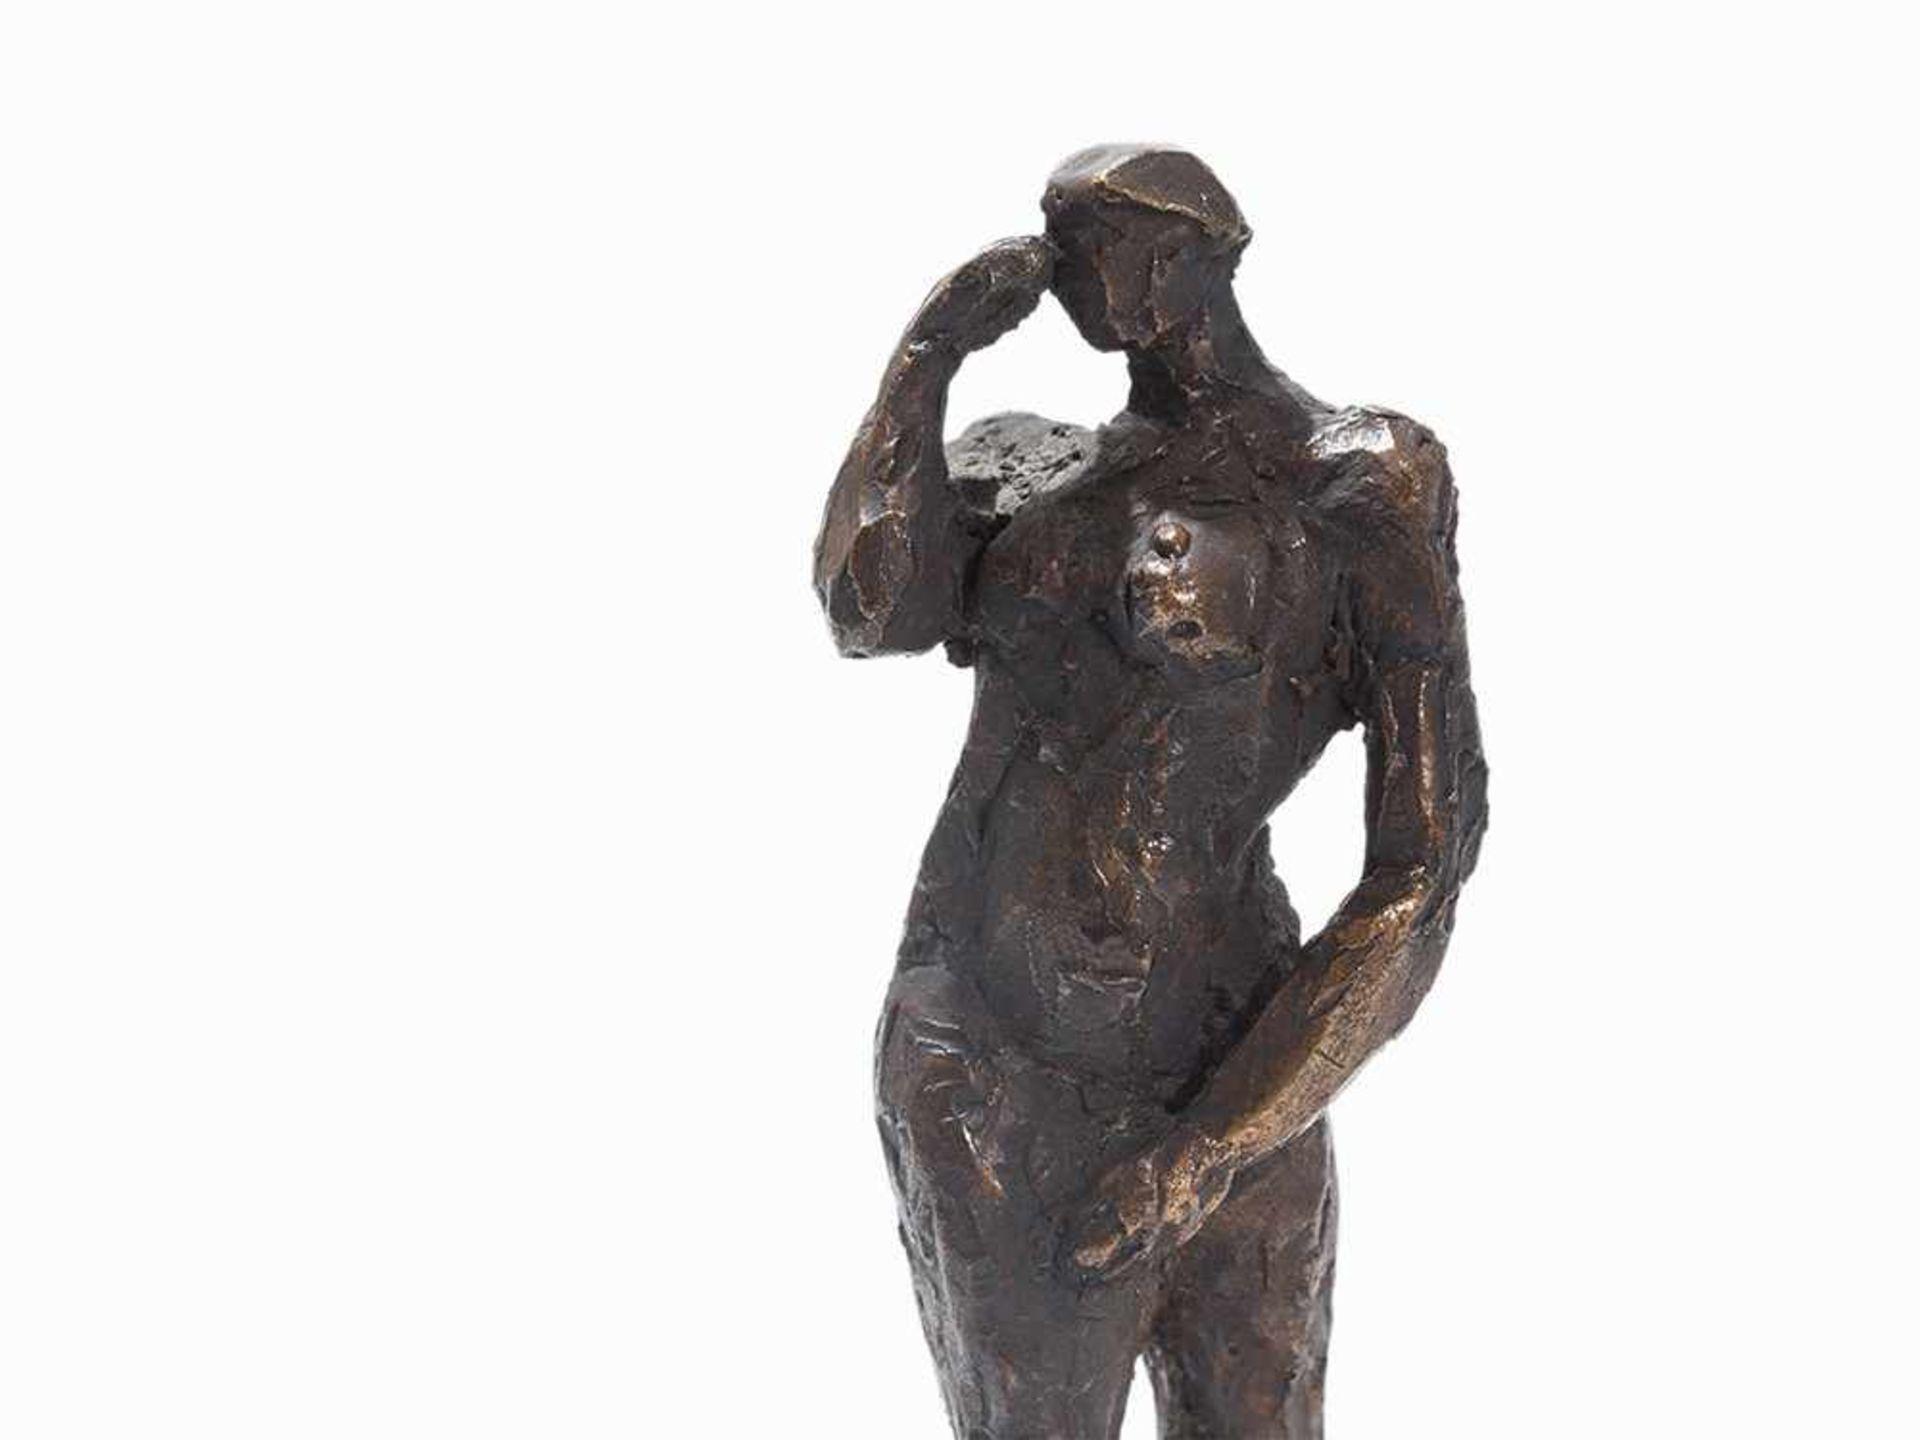 Los 94 - Berndt Wilde (geb. 1946), Bewegung, Bronzefigur, 2004 Bronze, dunkelbraun patiniert. Deutschland,